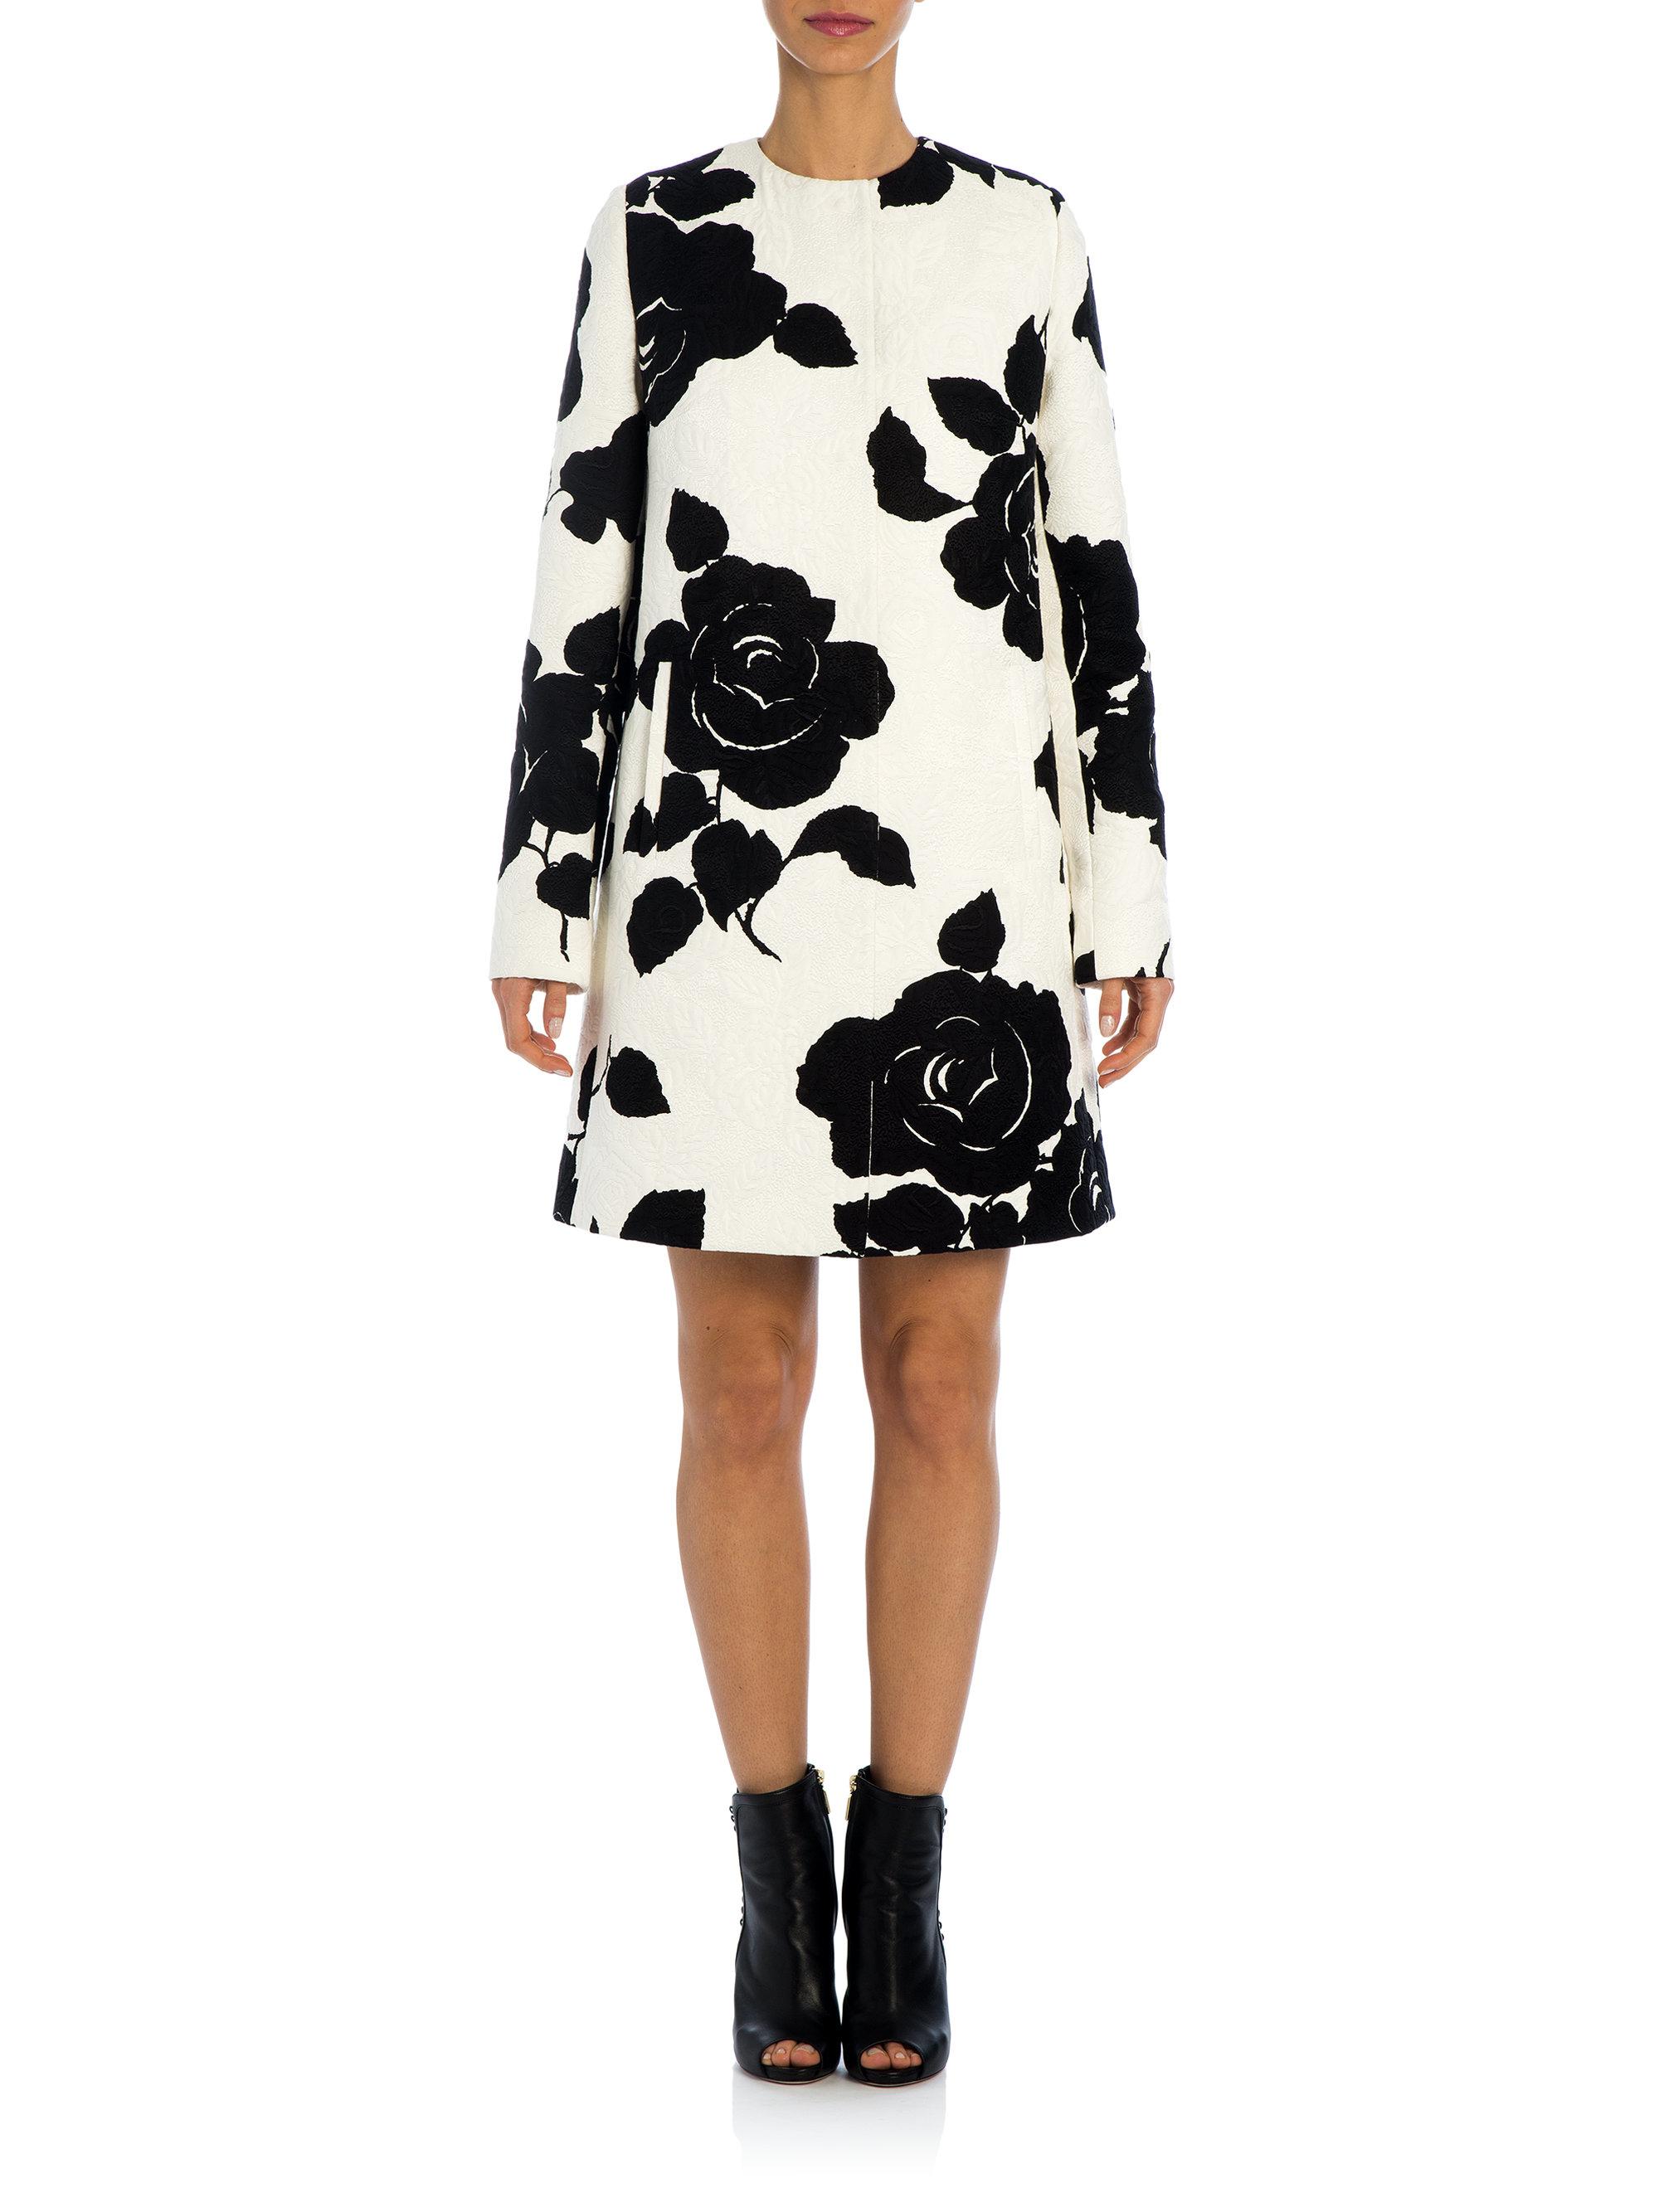 dolce gabbana rose jacquard coat in black white black lyst. Black Bedroom Furniture Sets. Home Design Ideas